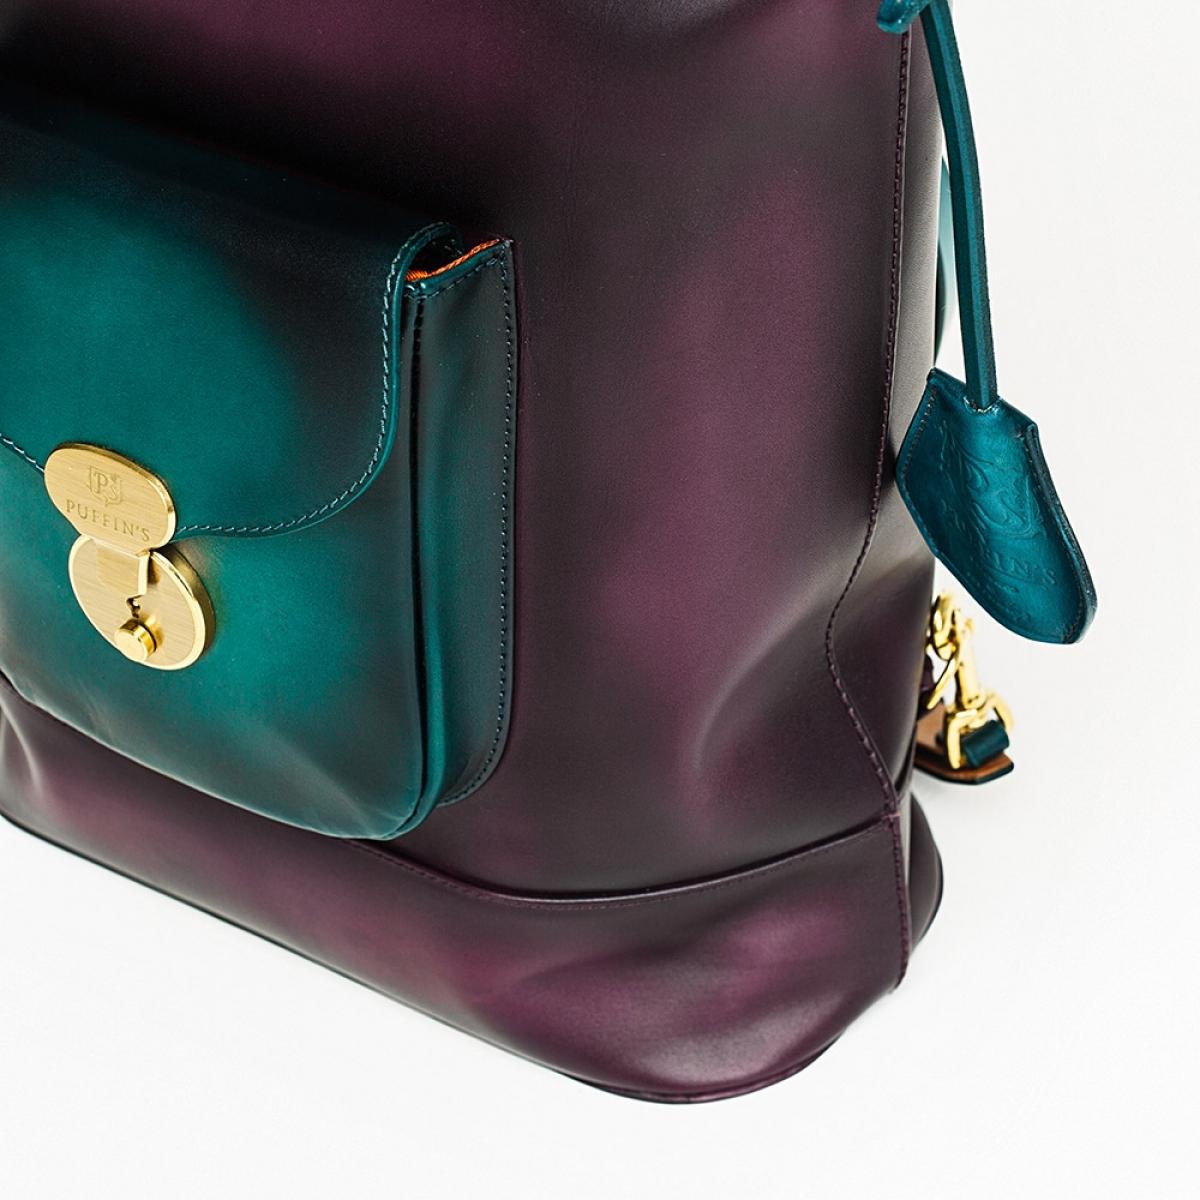 Backpack-tote transformer VOYAGE bluemarine & plum wine